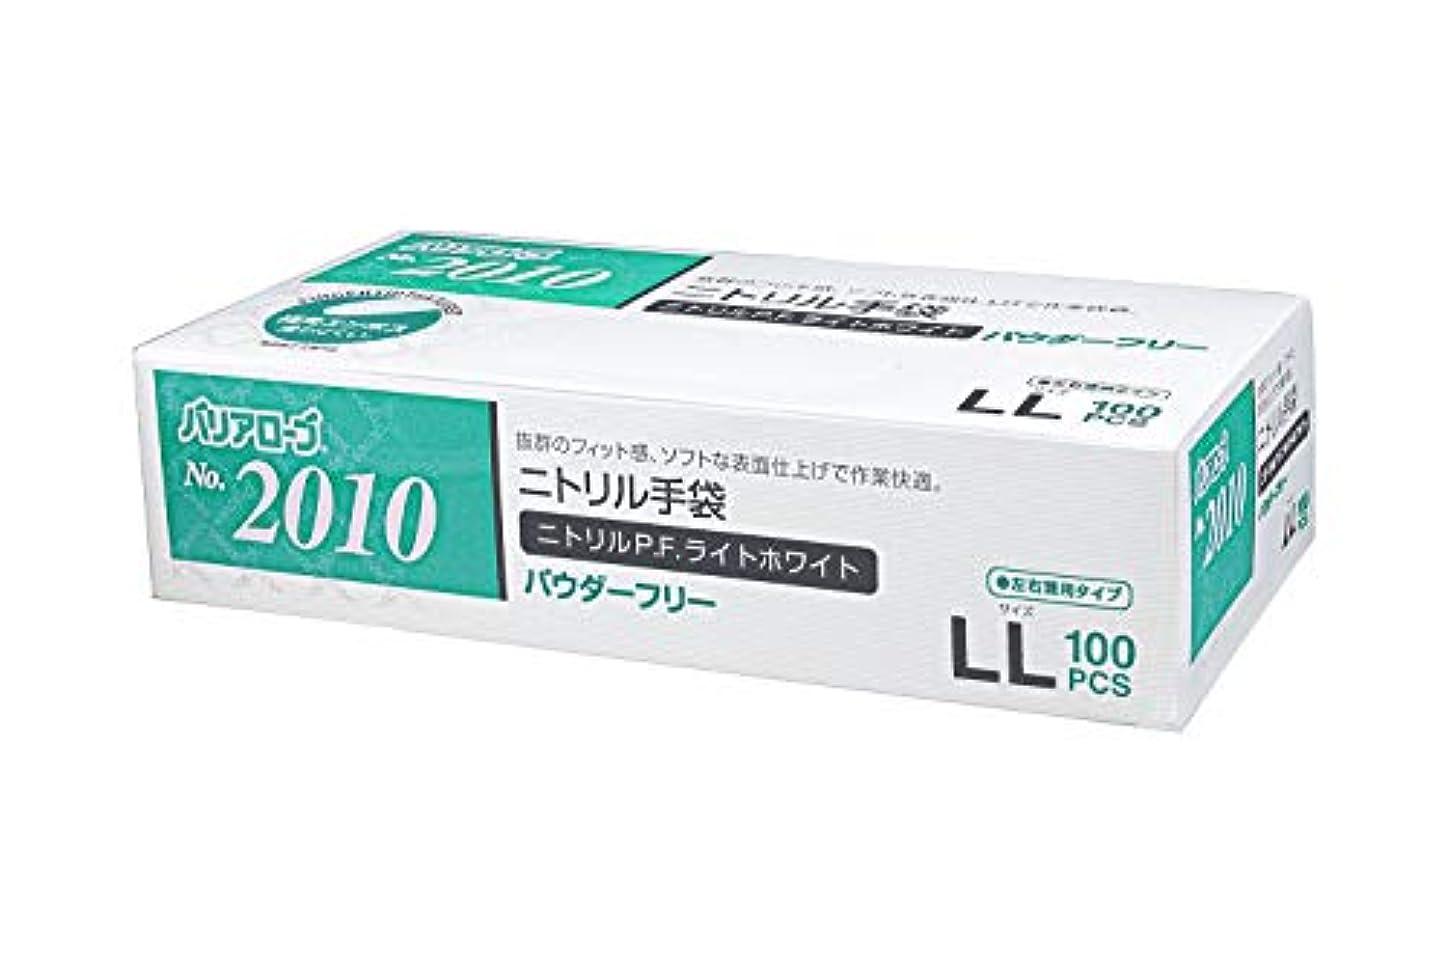 グラフレイプしつけ【ケース販売】 バリアローブ №2010 ニトリルP.F.ライト ホワイト (パウダーフリー) LL 2000枚(100枚×20箱)